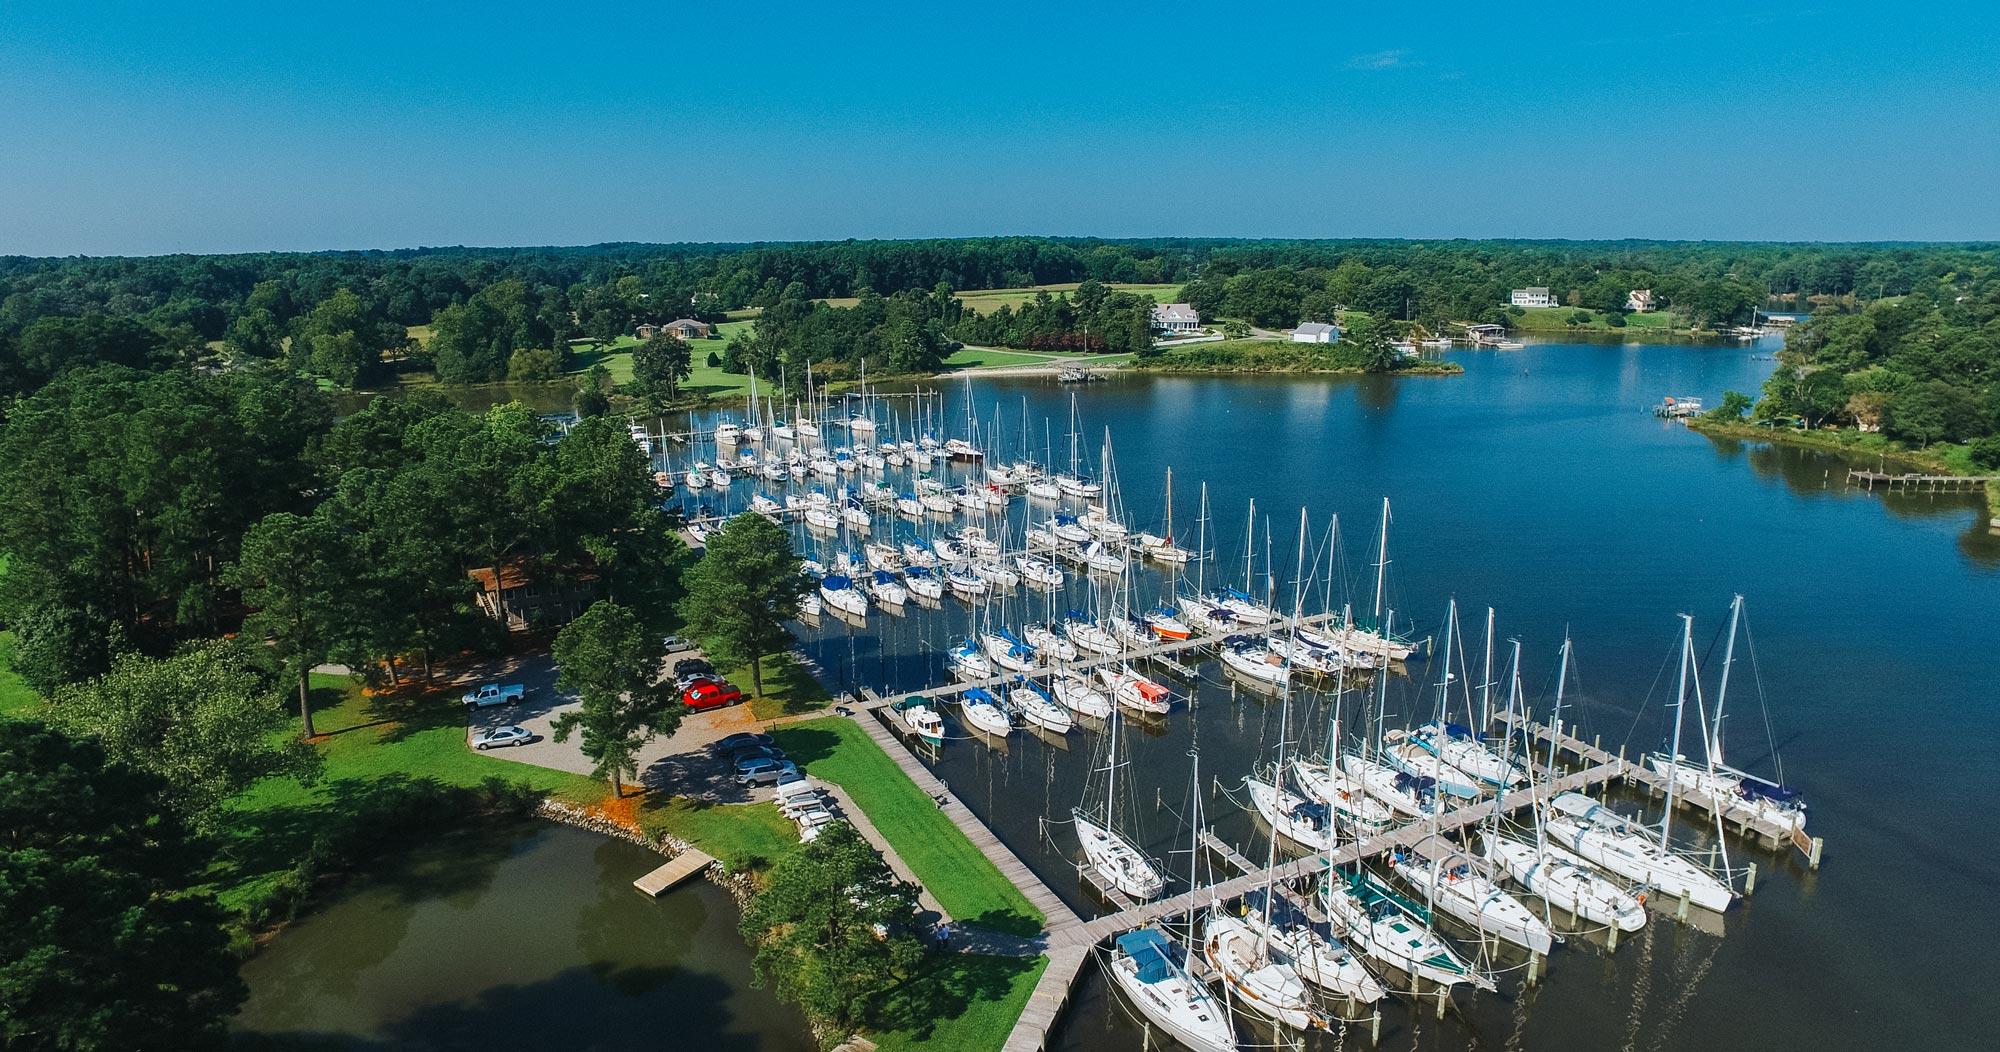 Regent Point Marina docks aerial